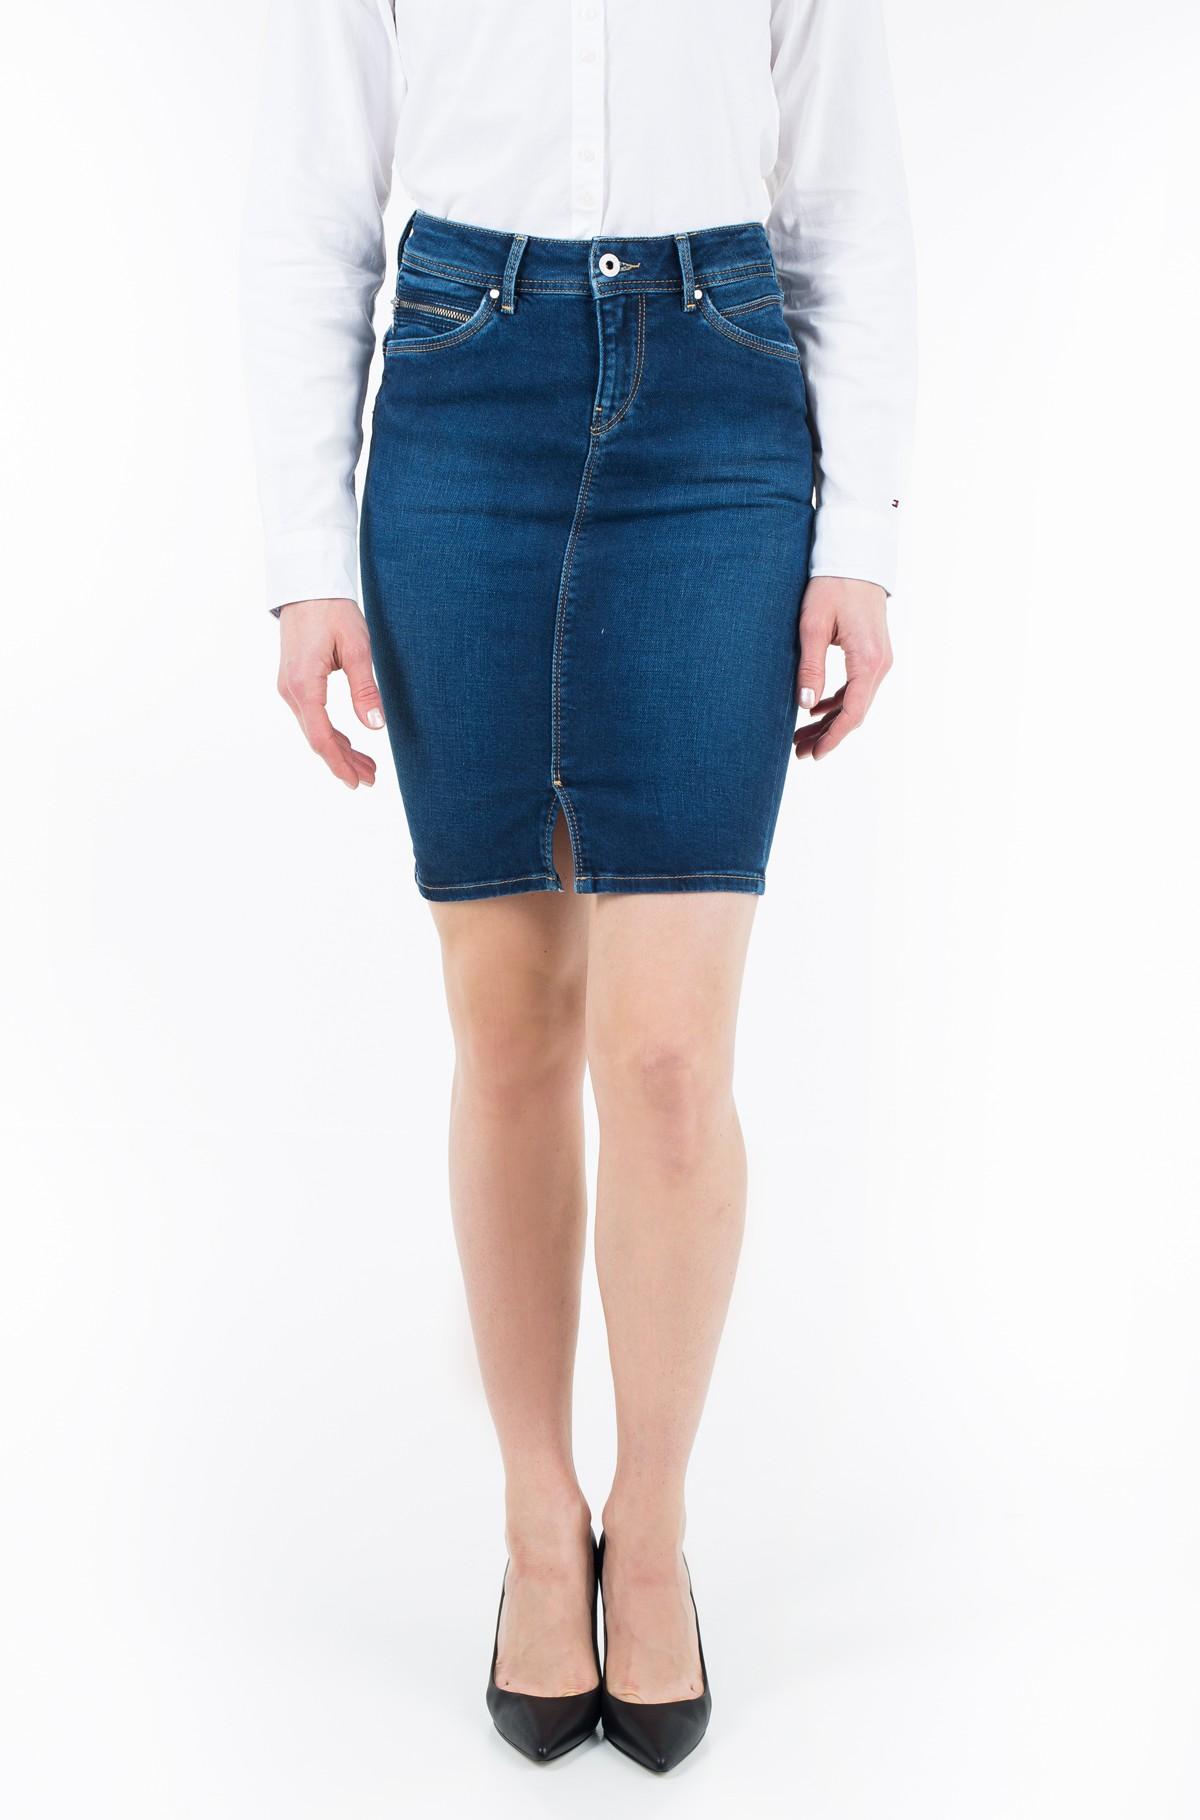 Denim skirt  TAYLOR/PL900443CE3-full-1